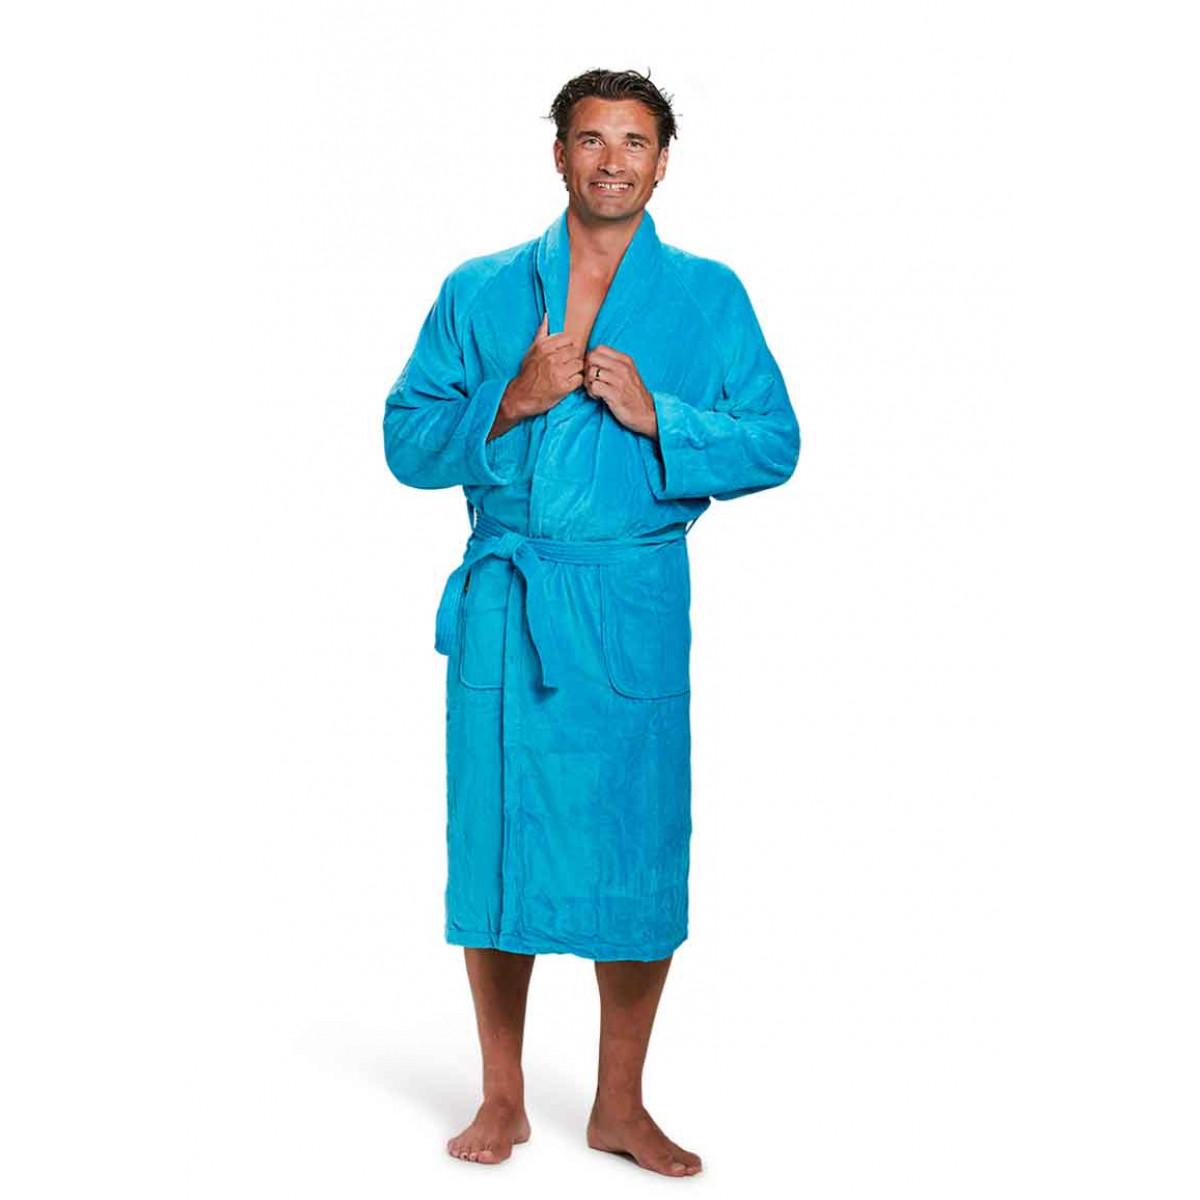 herenbadjas badrock turquoise